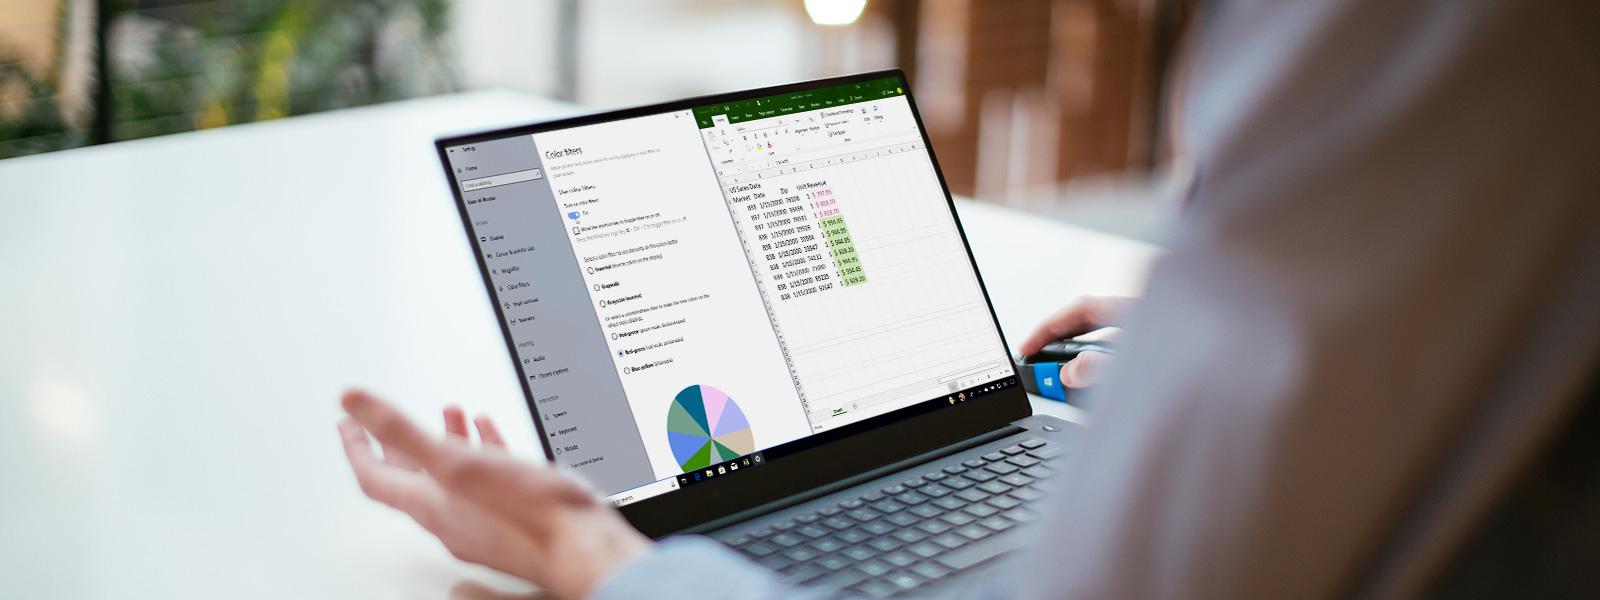 Osoba koristi laptop računar sa filterima boja omogućenim u operativnom sistemu Windows 10